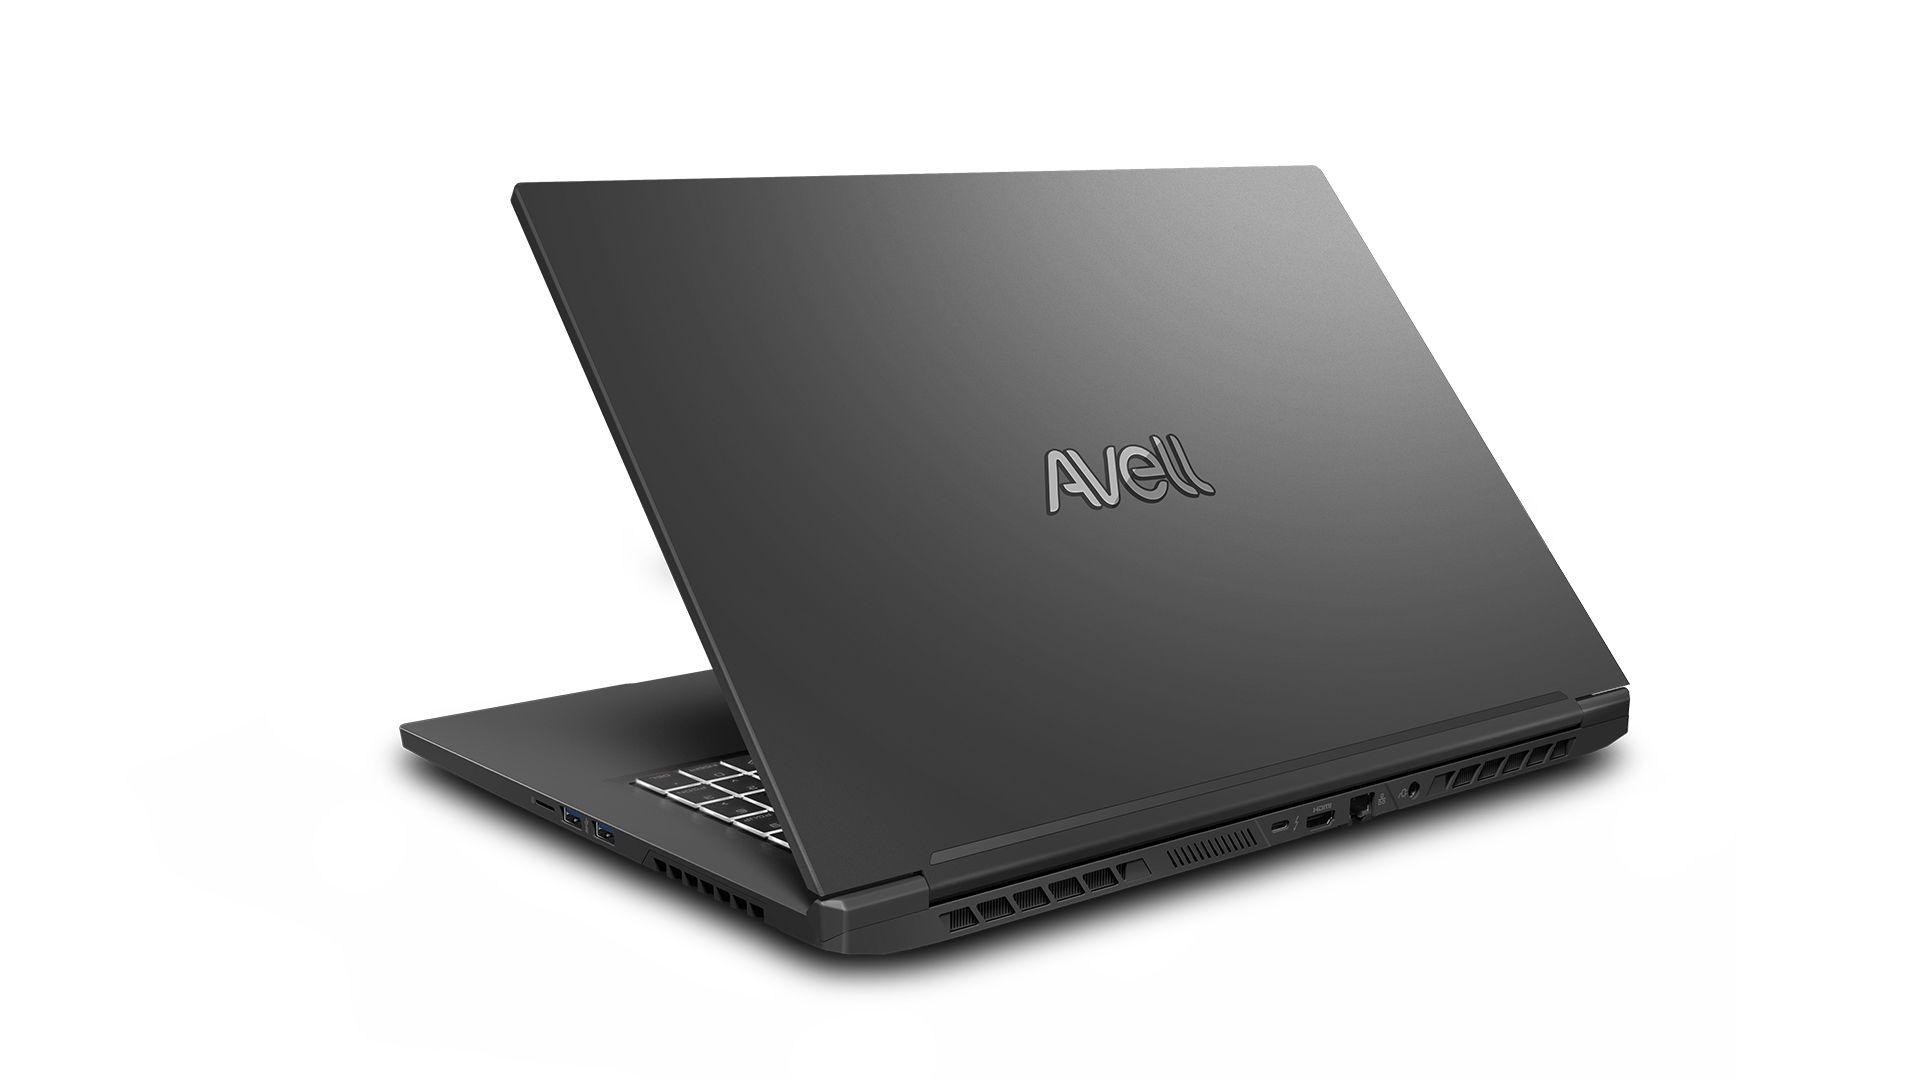 Avell LIV é a nova linha de notebooks de alto desempenho da fabricante. (Foto: Divulgação/Avell)